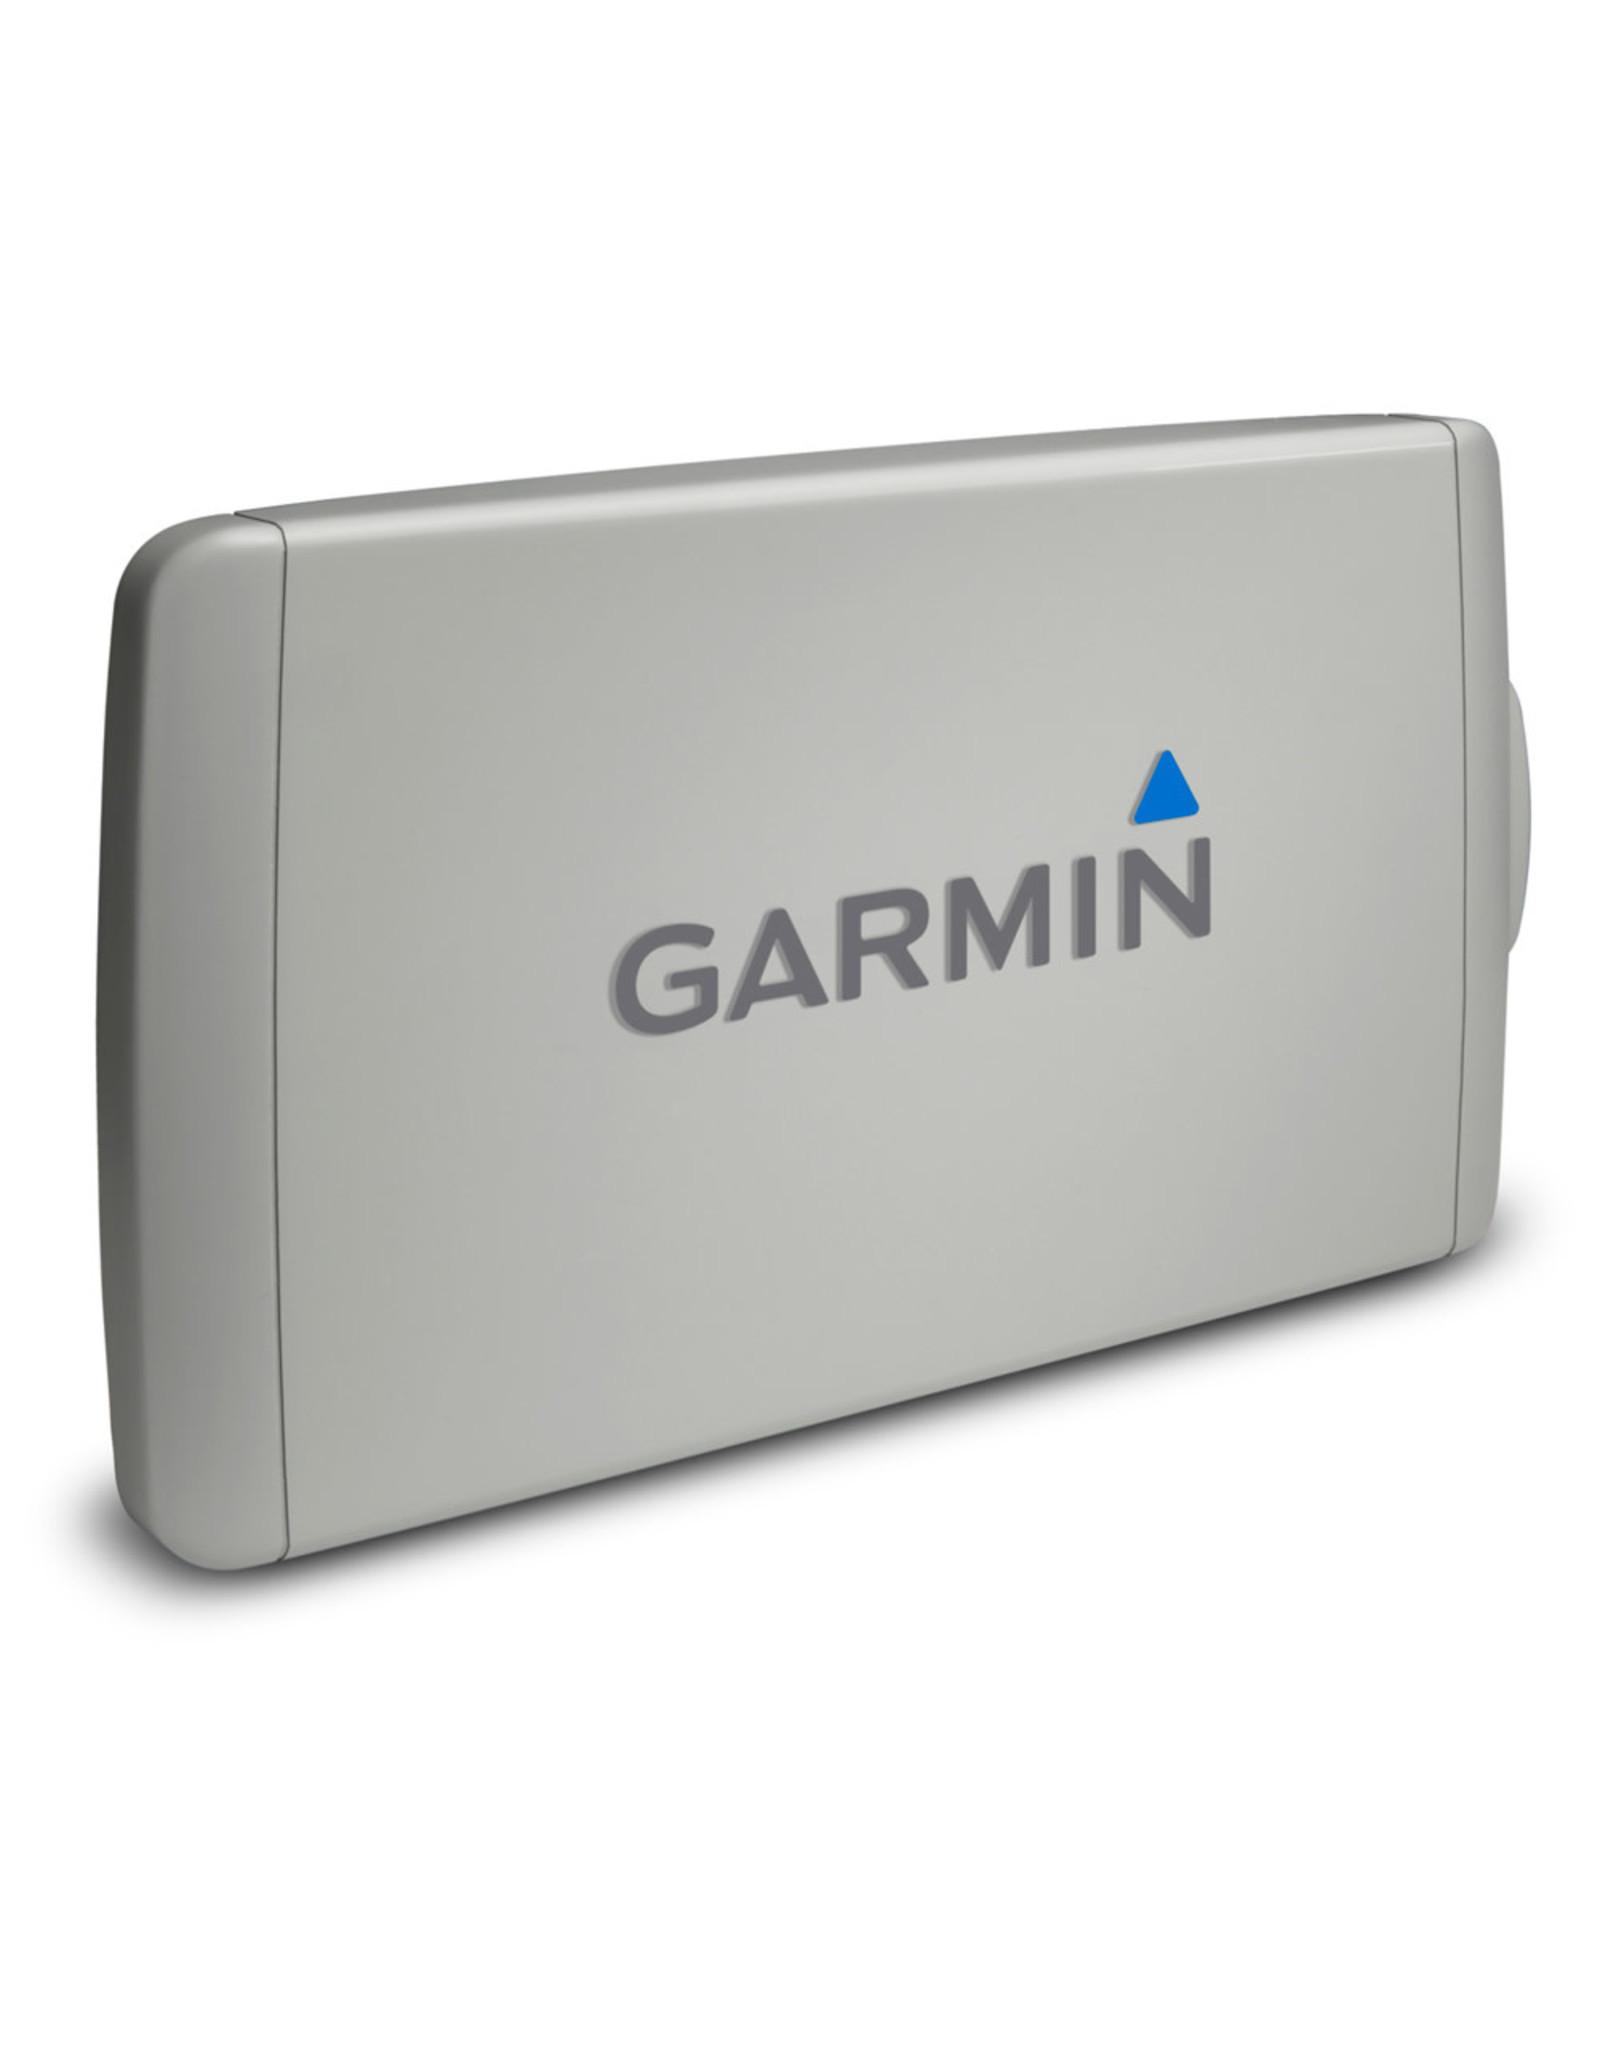 Garmin Garmin 7 in Protective Cover